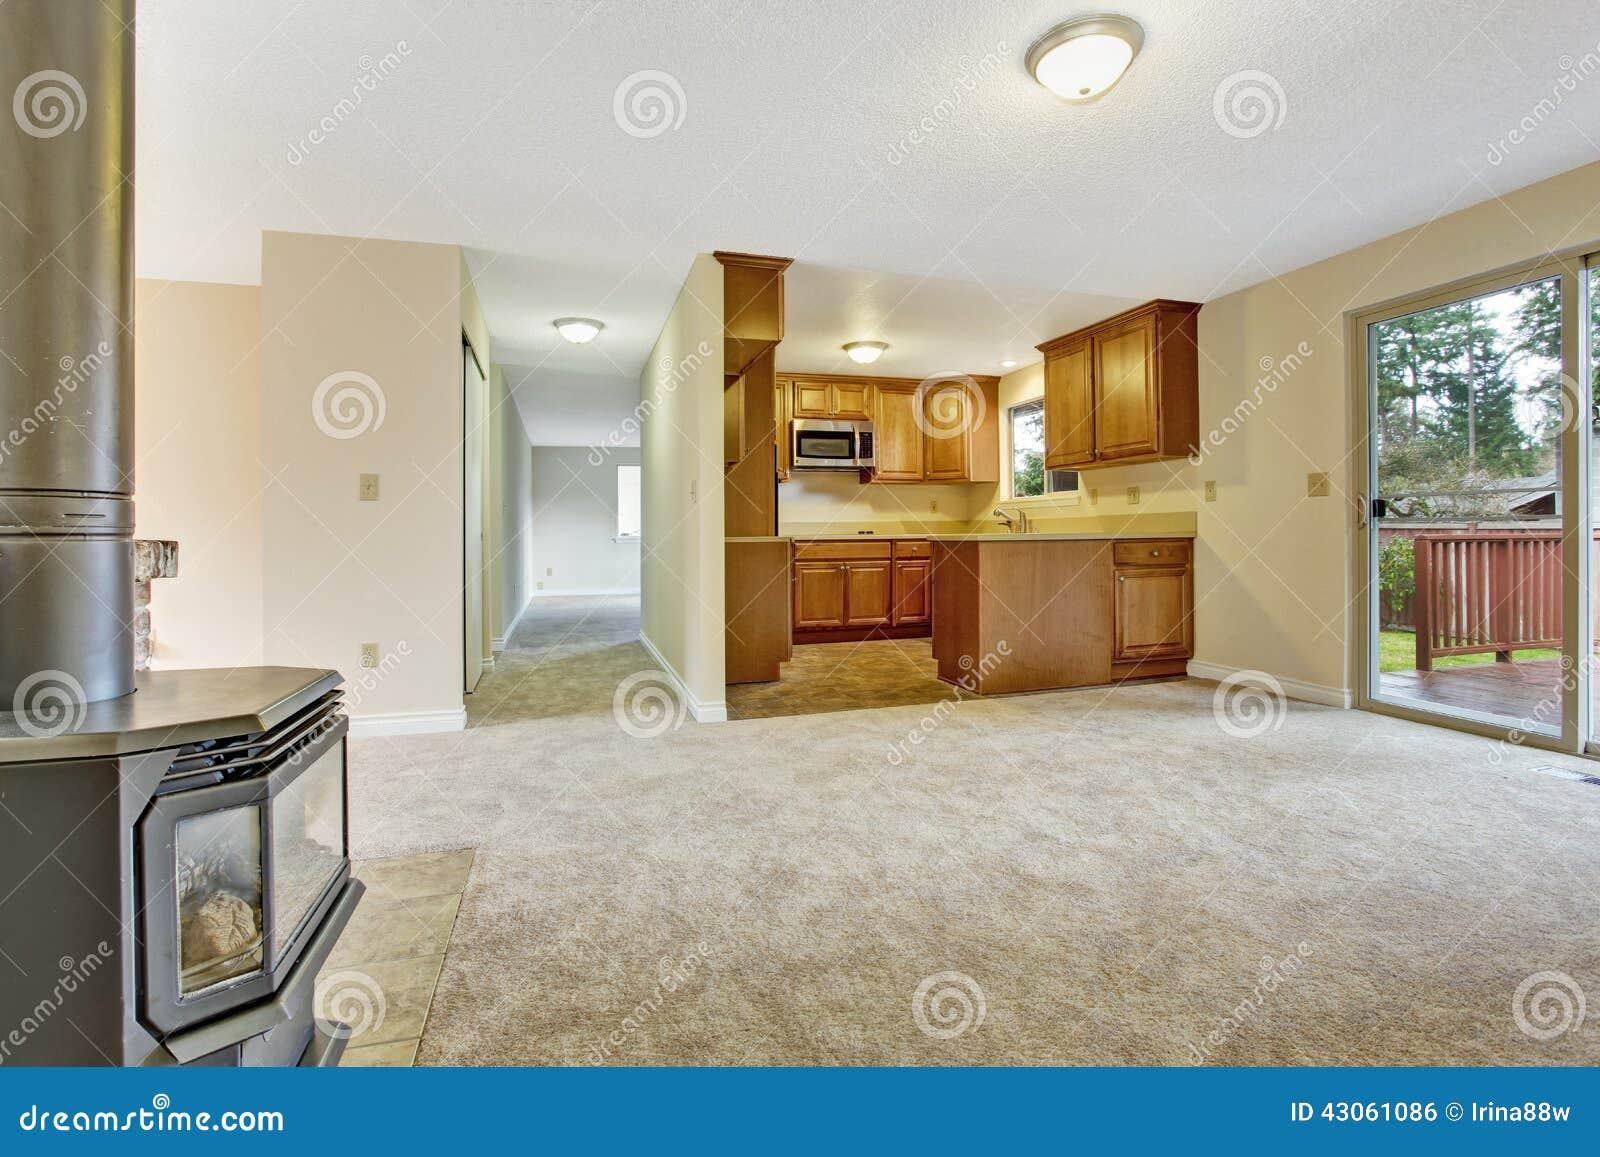 Empty house interior living room with kitchen area stock for Cocinar al vacio en casa